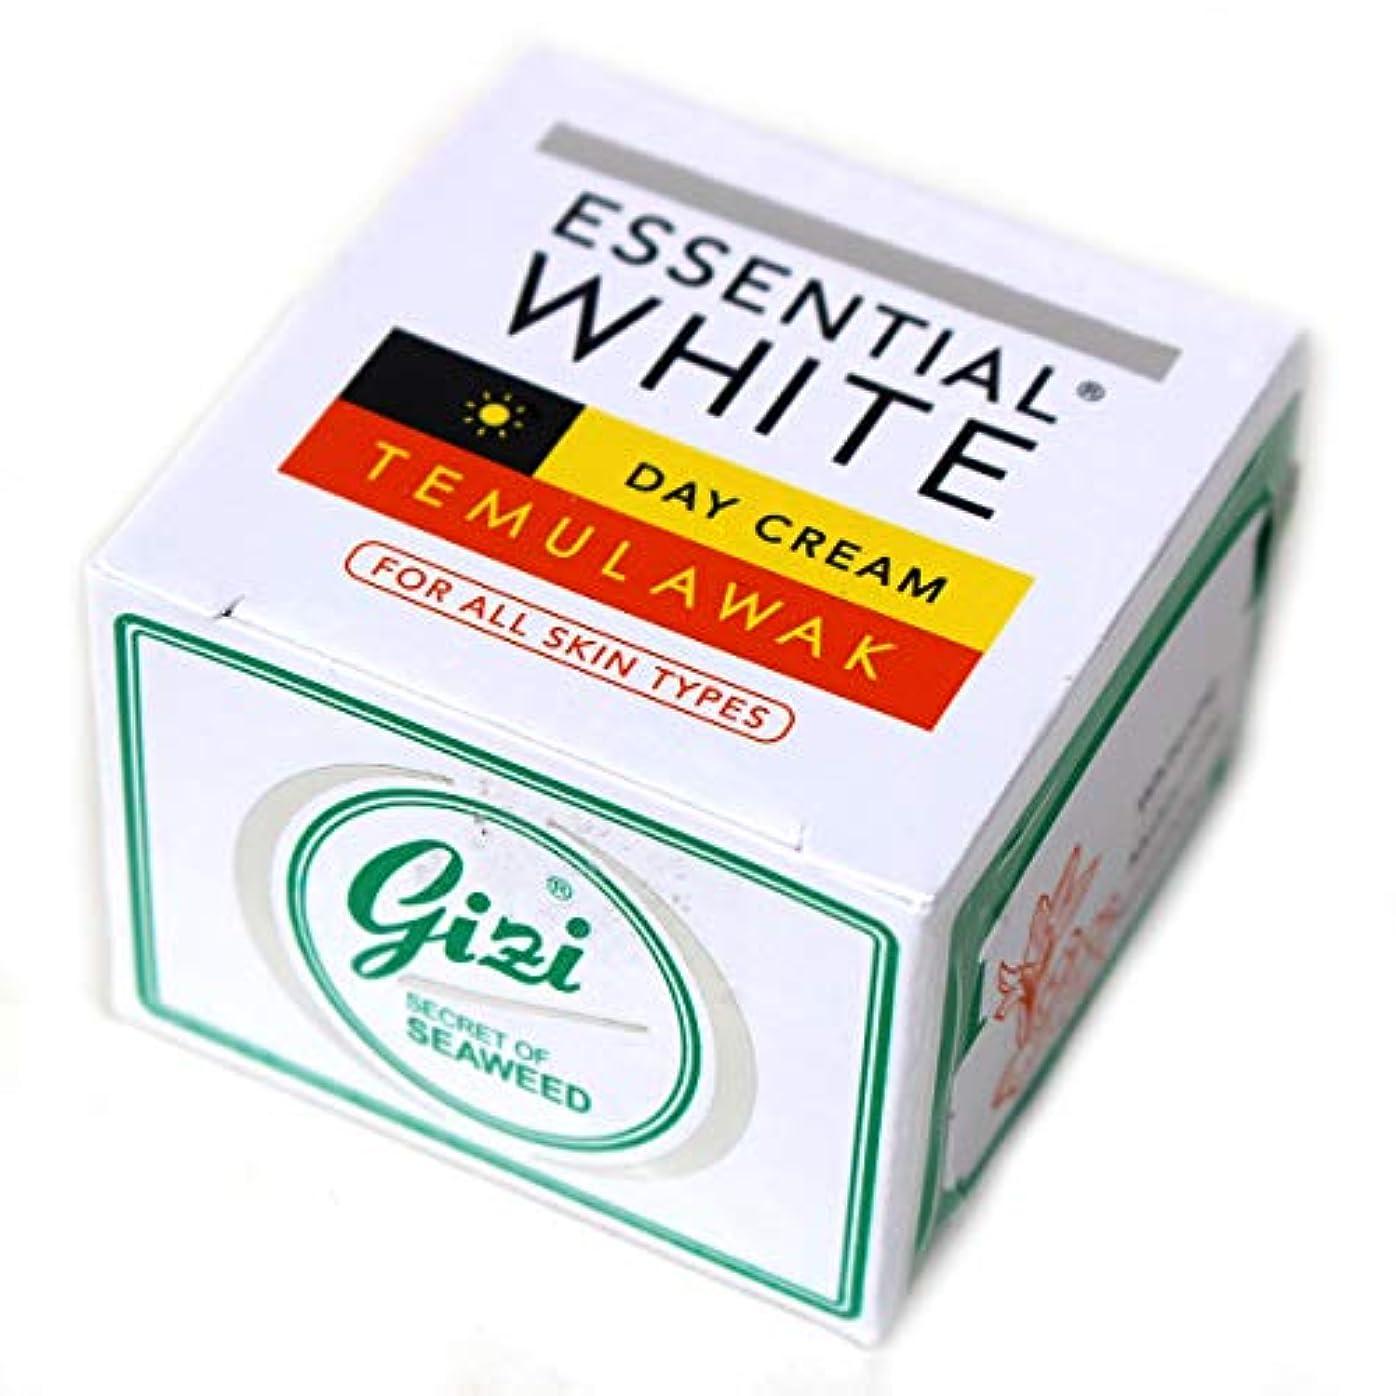 ギジ gizi Essential White 日中用スキンケアクリーム ボトルタイプ 9g テムラワク ウコン など天然成分配合 [海外直送品]